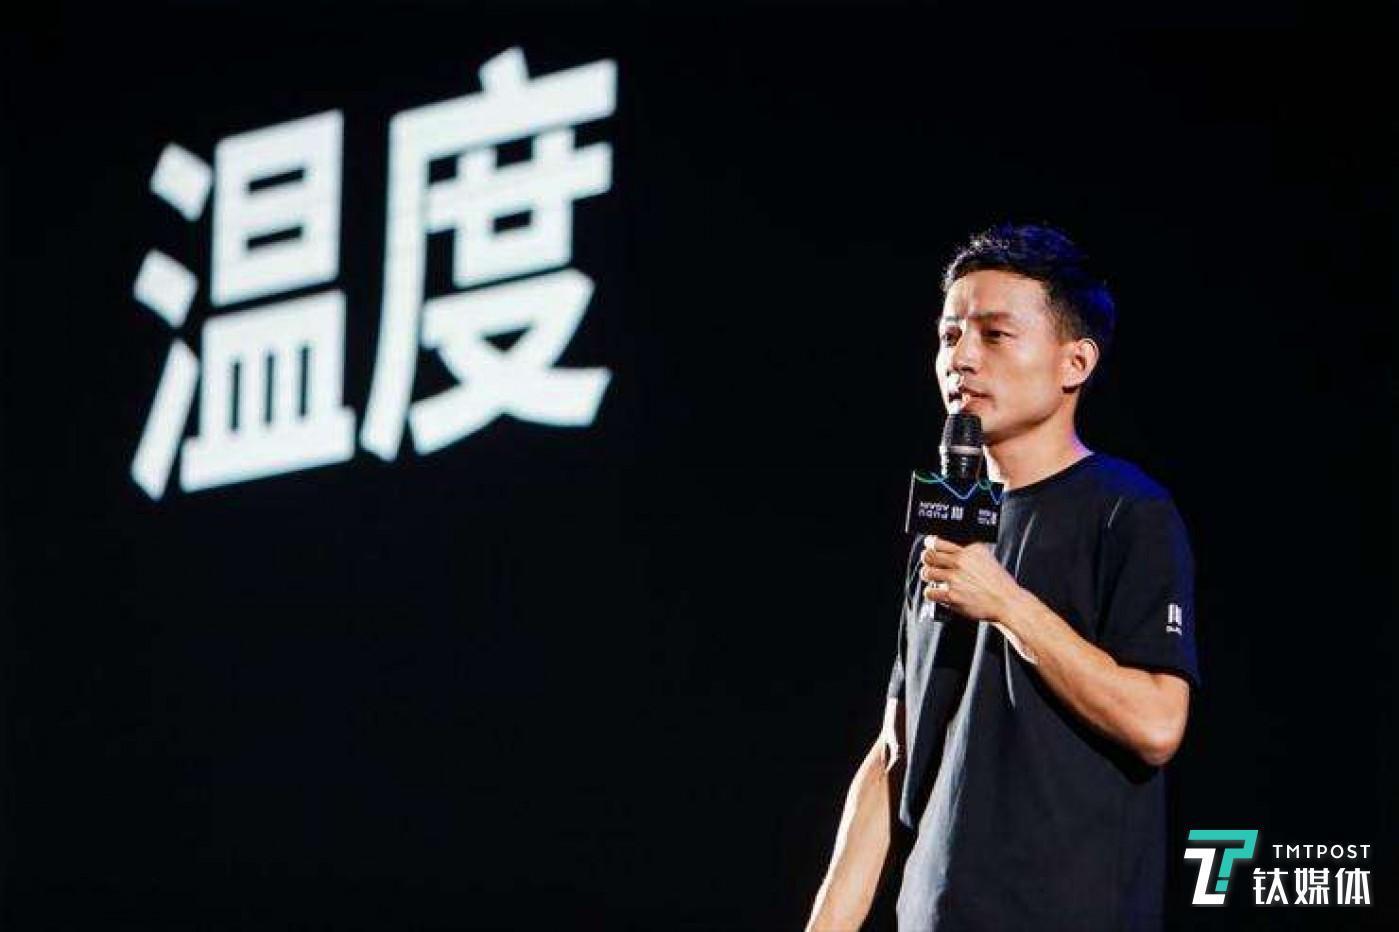 普渡科技CEO兼创始人 张涛